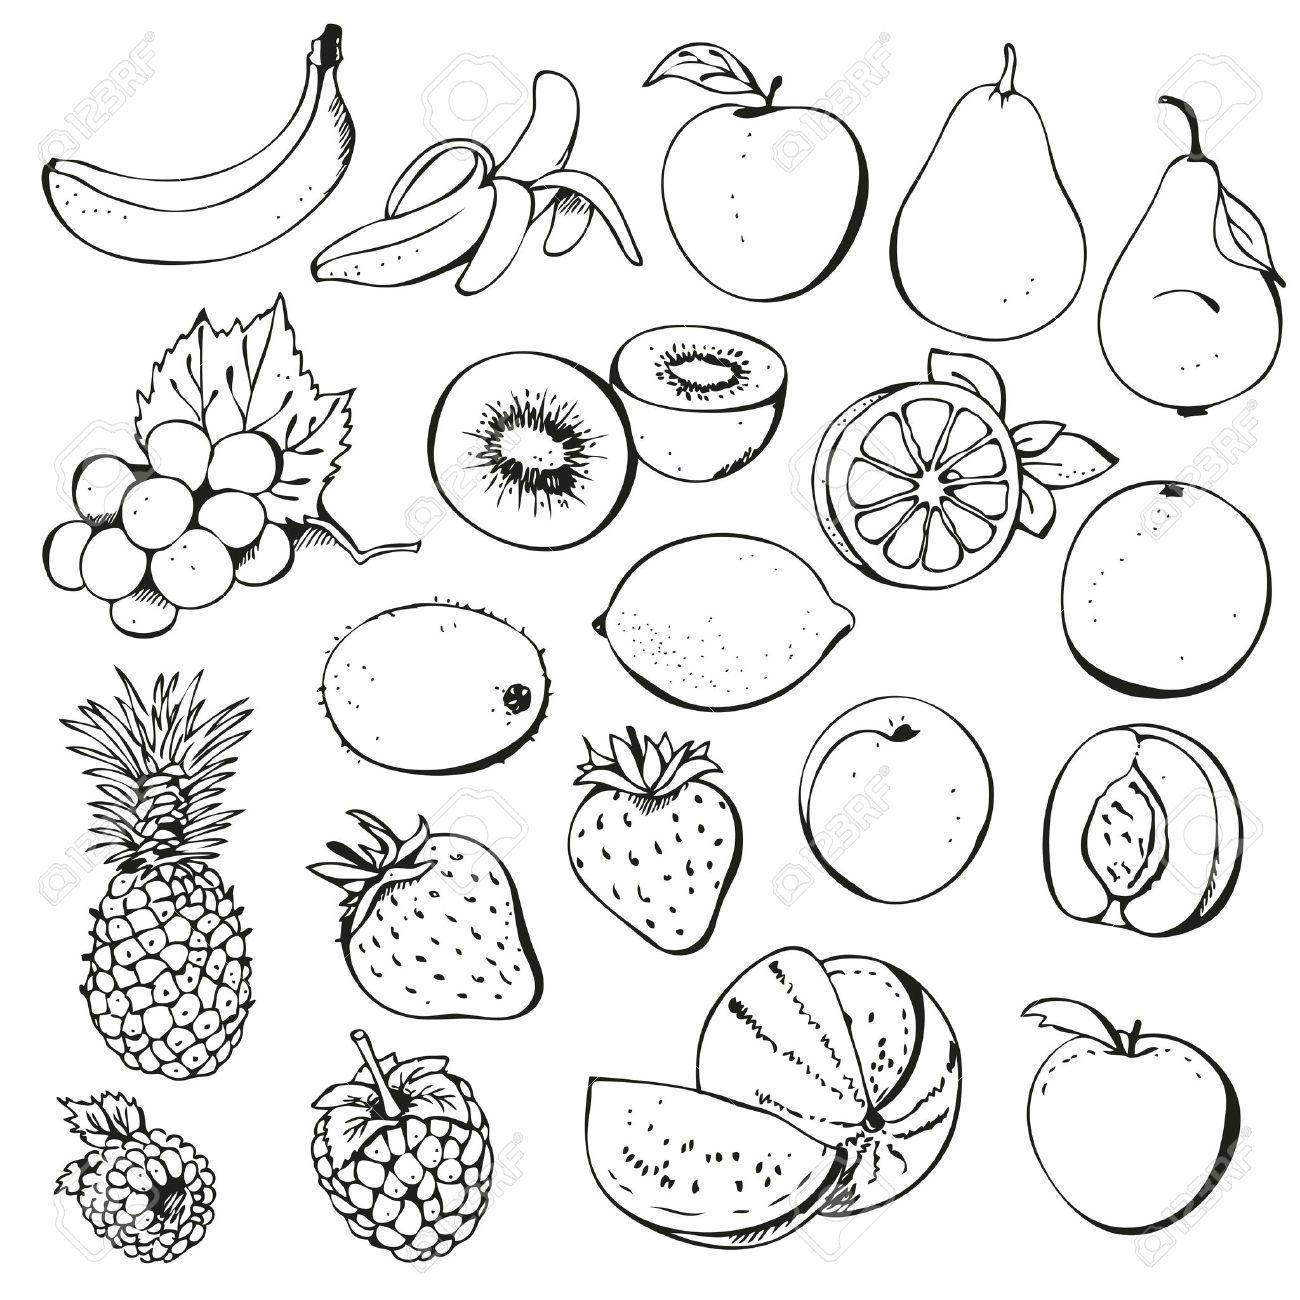 clip art black and white fruit of the spirit.